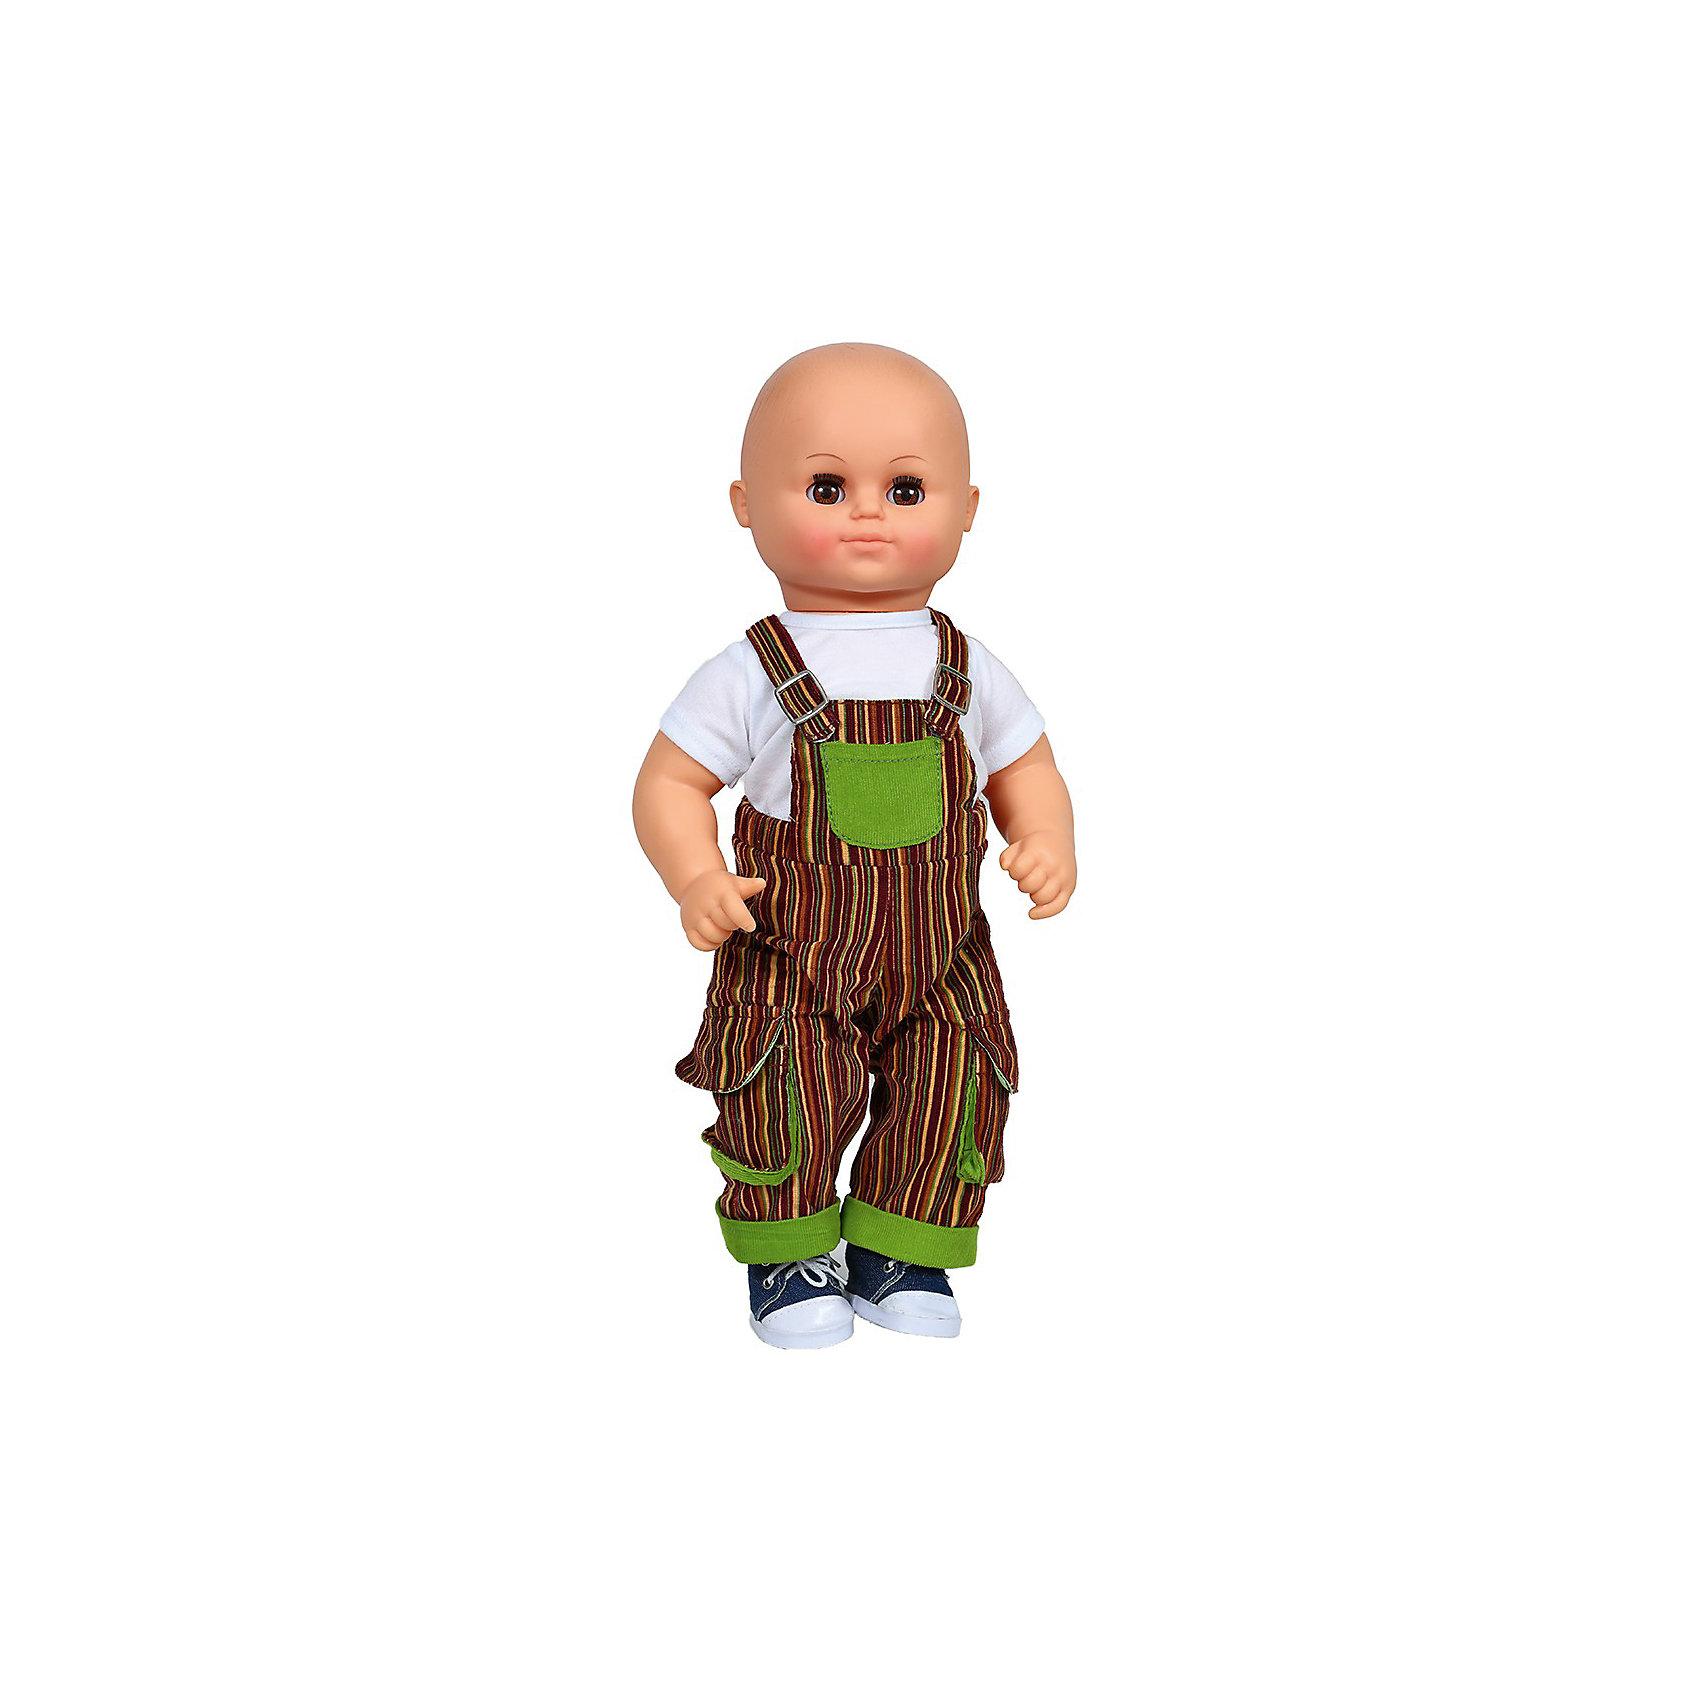 Кукла Дениска 2, со звуком, ВеснаРеалистичная симпатичная кукла от отечественного производителя способна не просто помочь ребенку весело проводить время, но и научить девочку многим нужным навыкам. На ней - красивый комбинезон, обувь, всё можно снимать и надевать.<br>Кукла произносит несколько фраз, механизм работает от батареек. Сделана игрушка из качественных и безопасных для ребенка материалов. Такая кукла поможет ребенку освоить механизмы социальных взаимодействий, развить моторику и воображение. Также куклы помогают девочкам научиться заботиться о других.<br><br>Дополнительная информация:<br><br>- материал: пластмасса;<br>- волосы: рельефная имитация;<br>- открывающиеся глаза;<br>- звуковой модуль;<br>- снимающаяся одежда и обувь;<br>- высота: 44 см.<br><br>Комплектация:<br><br>- одежда;<br>- три батарейки СЦ 357.<br><br>Куклу Дениска 2, со звуком, от марки Весна можно купить в нашем магазине.<br><br>Ширина мм: 490<br>Глубина мм: 210<br>Высота мм: 130<br>Вес г: 1062<br>Возраст от месяцев: 36<br>Возраст до месяцев: 1188<br>Пол: Женский<br>Возраст: Детский<br>SKU: 4701859